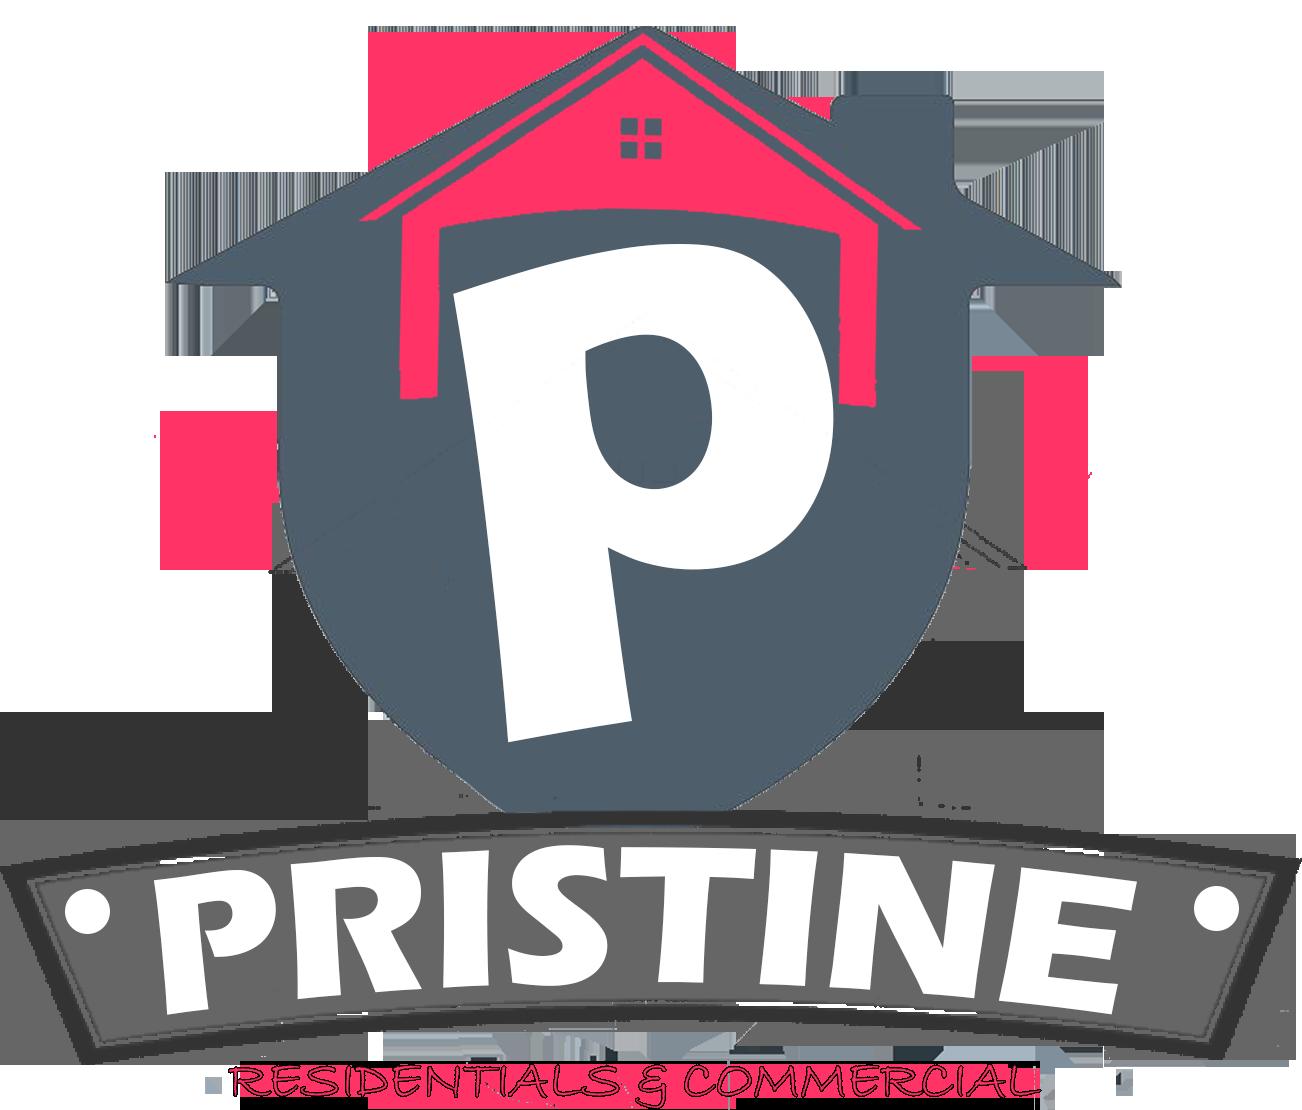 Pristine Colorado Logo